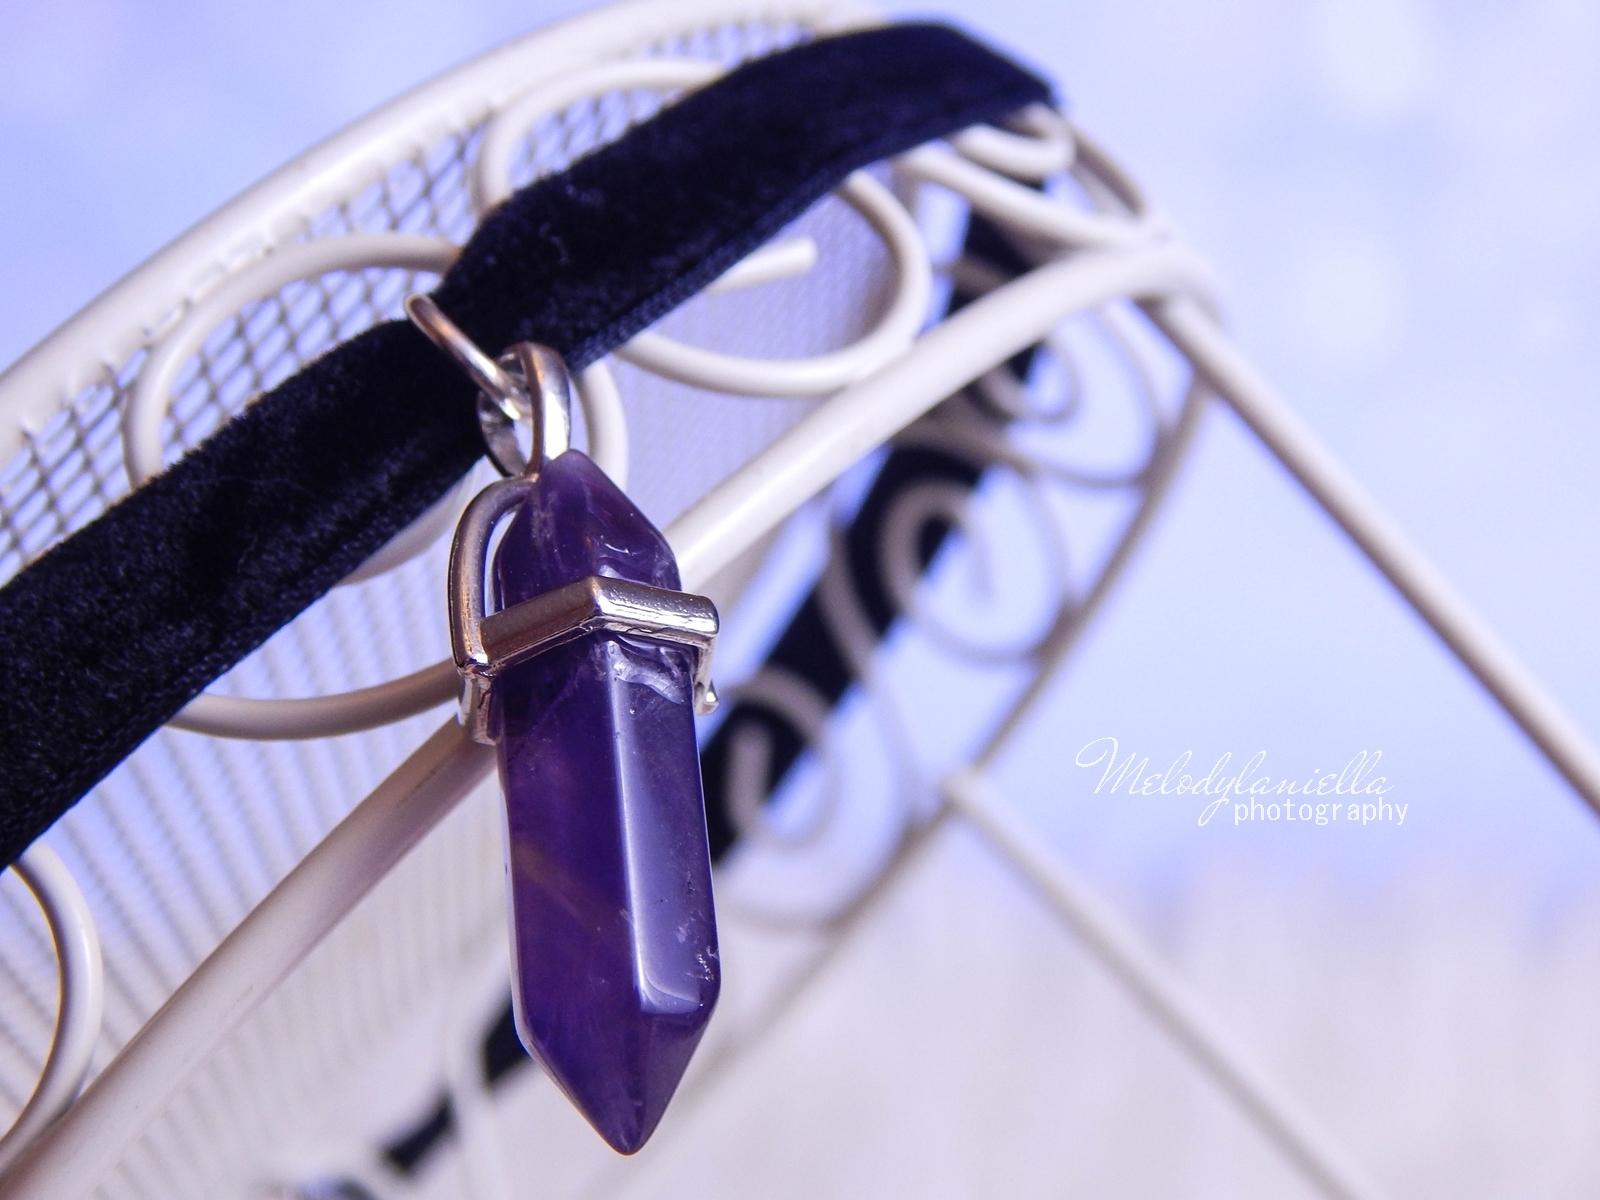 17 Biżuteria z chińskich sklepów sammydress kolczyk nausznica naszyjnik wisiorki z kryształkiem świąteczna biżuteria ciekawe dodatki stylowe zegarki pióra choker chokery złoty srebrny złoto srebro obelisk